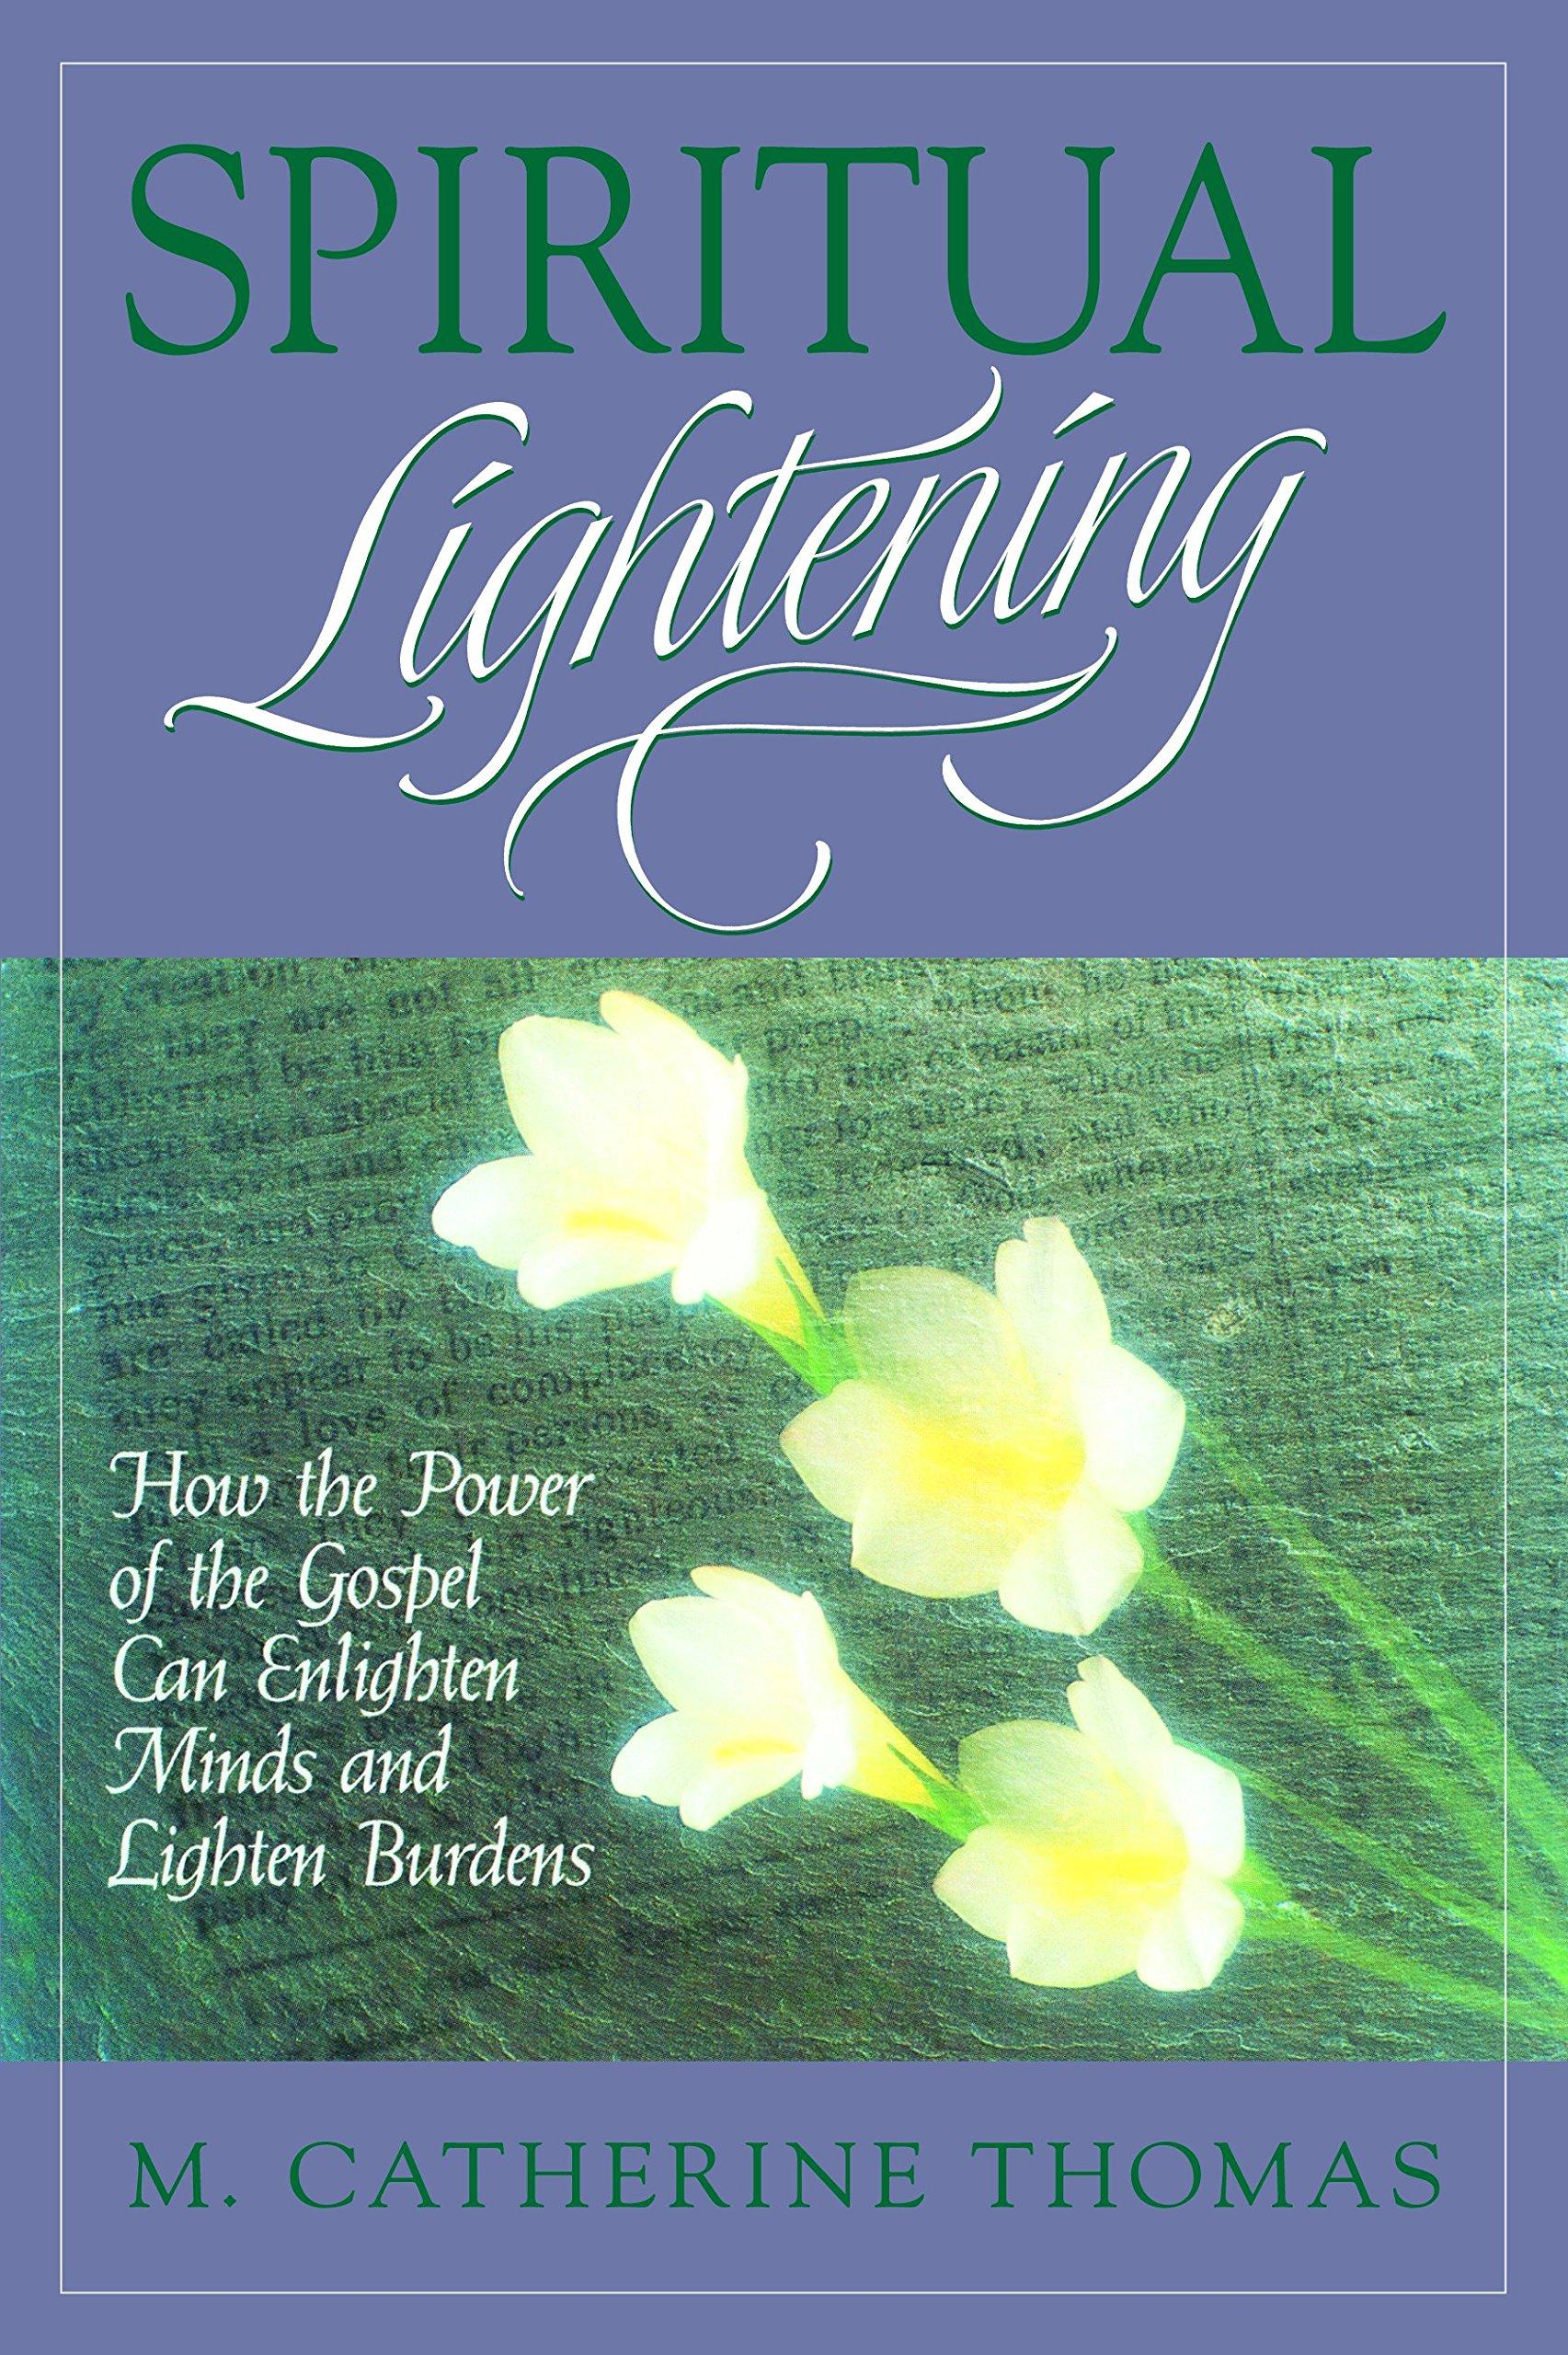 Spiritual Lightening